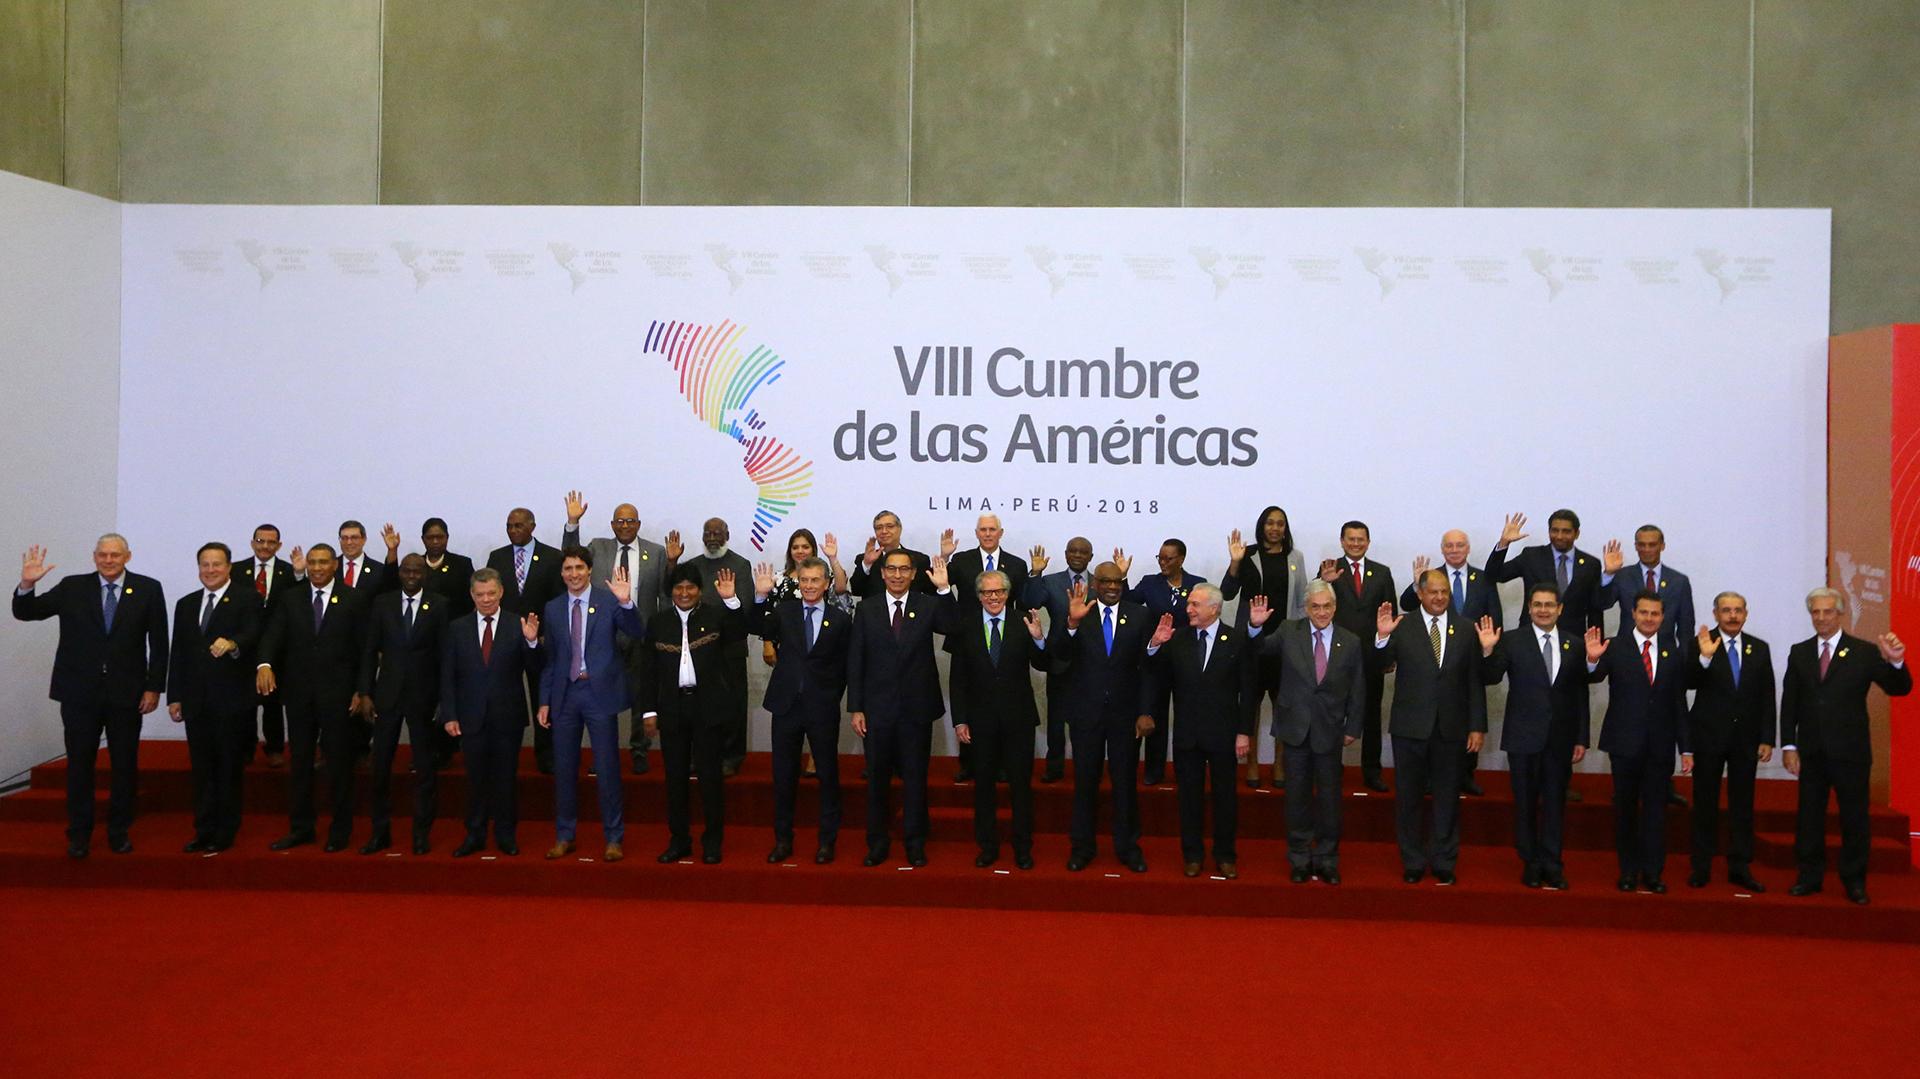 Este sábado se llevó a cabo la VIII Cumbre de las Américas, en Lima, Perú (REUTERS)